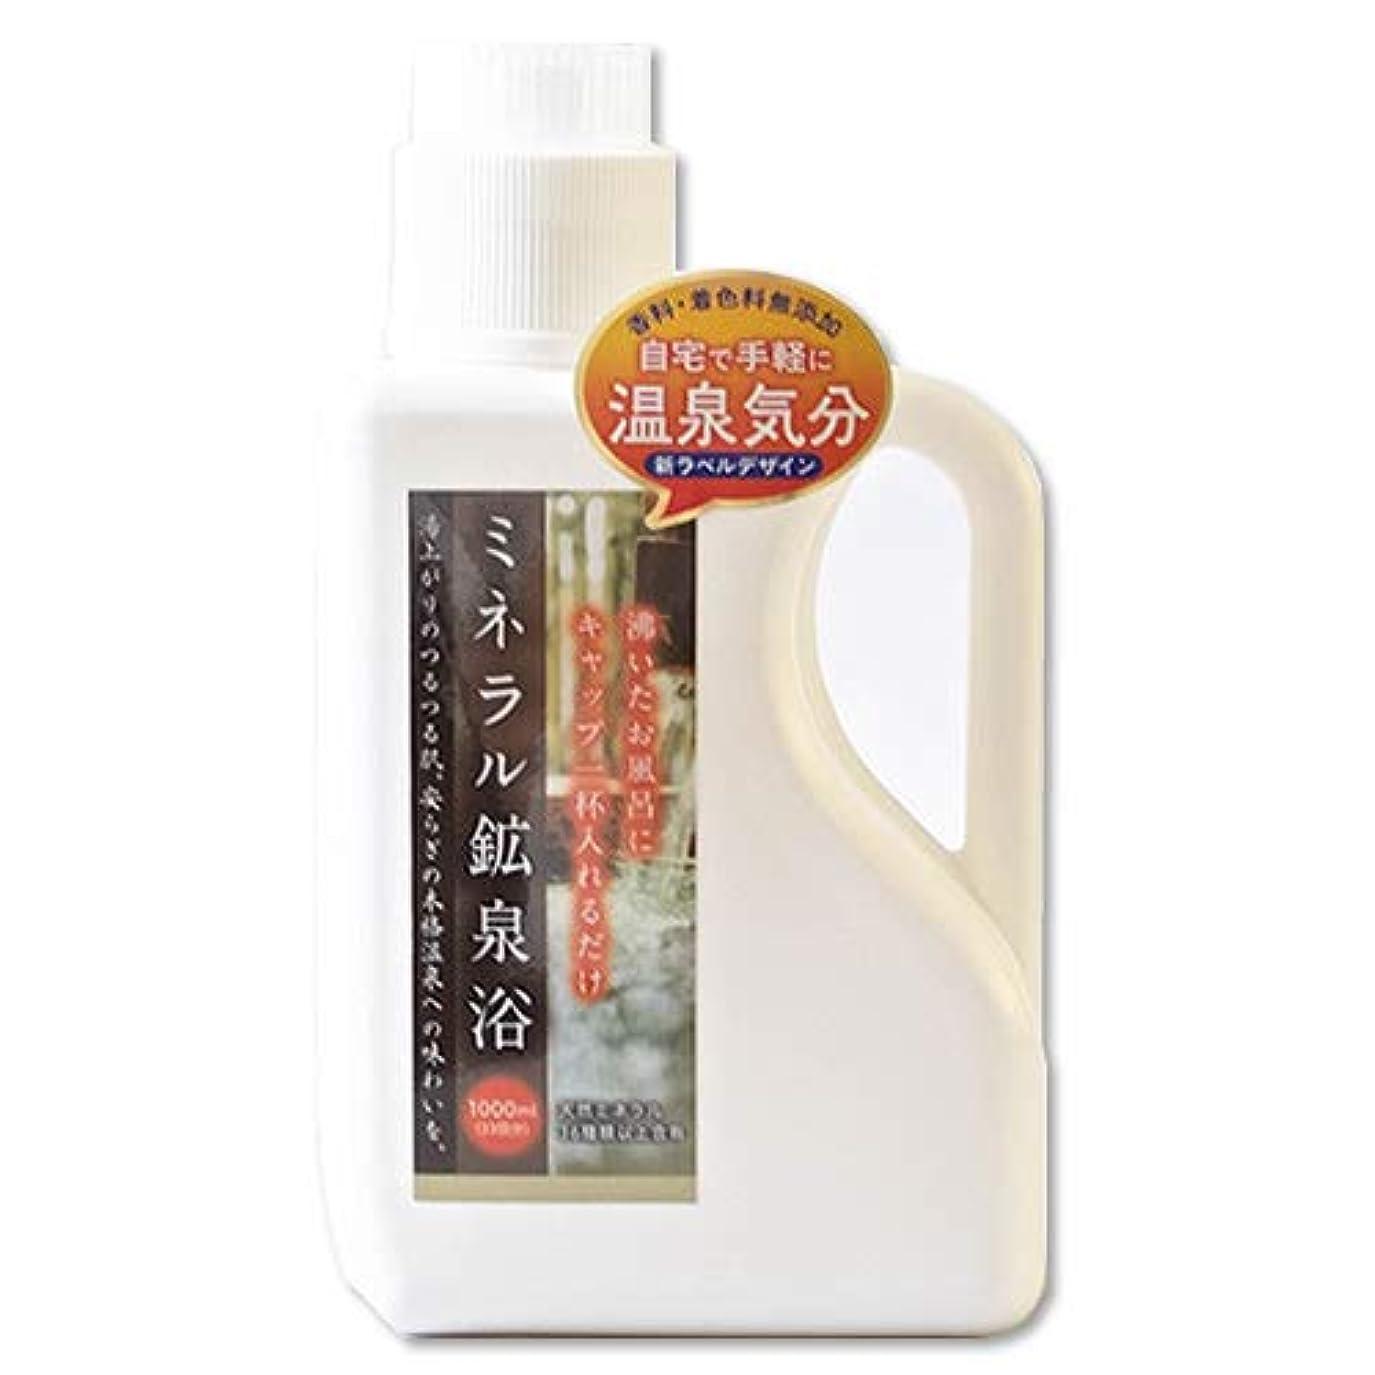 少ないデジタル顔料ミネラル鉱泉浴50(1L) ?約1か月分? 汗が出やすくミネラル効果にビックリ! 身体を芯から温める ミネラル風呂